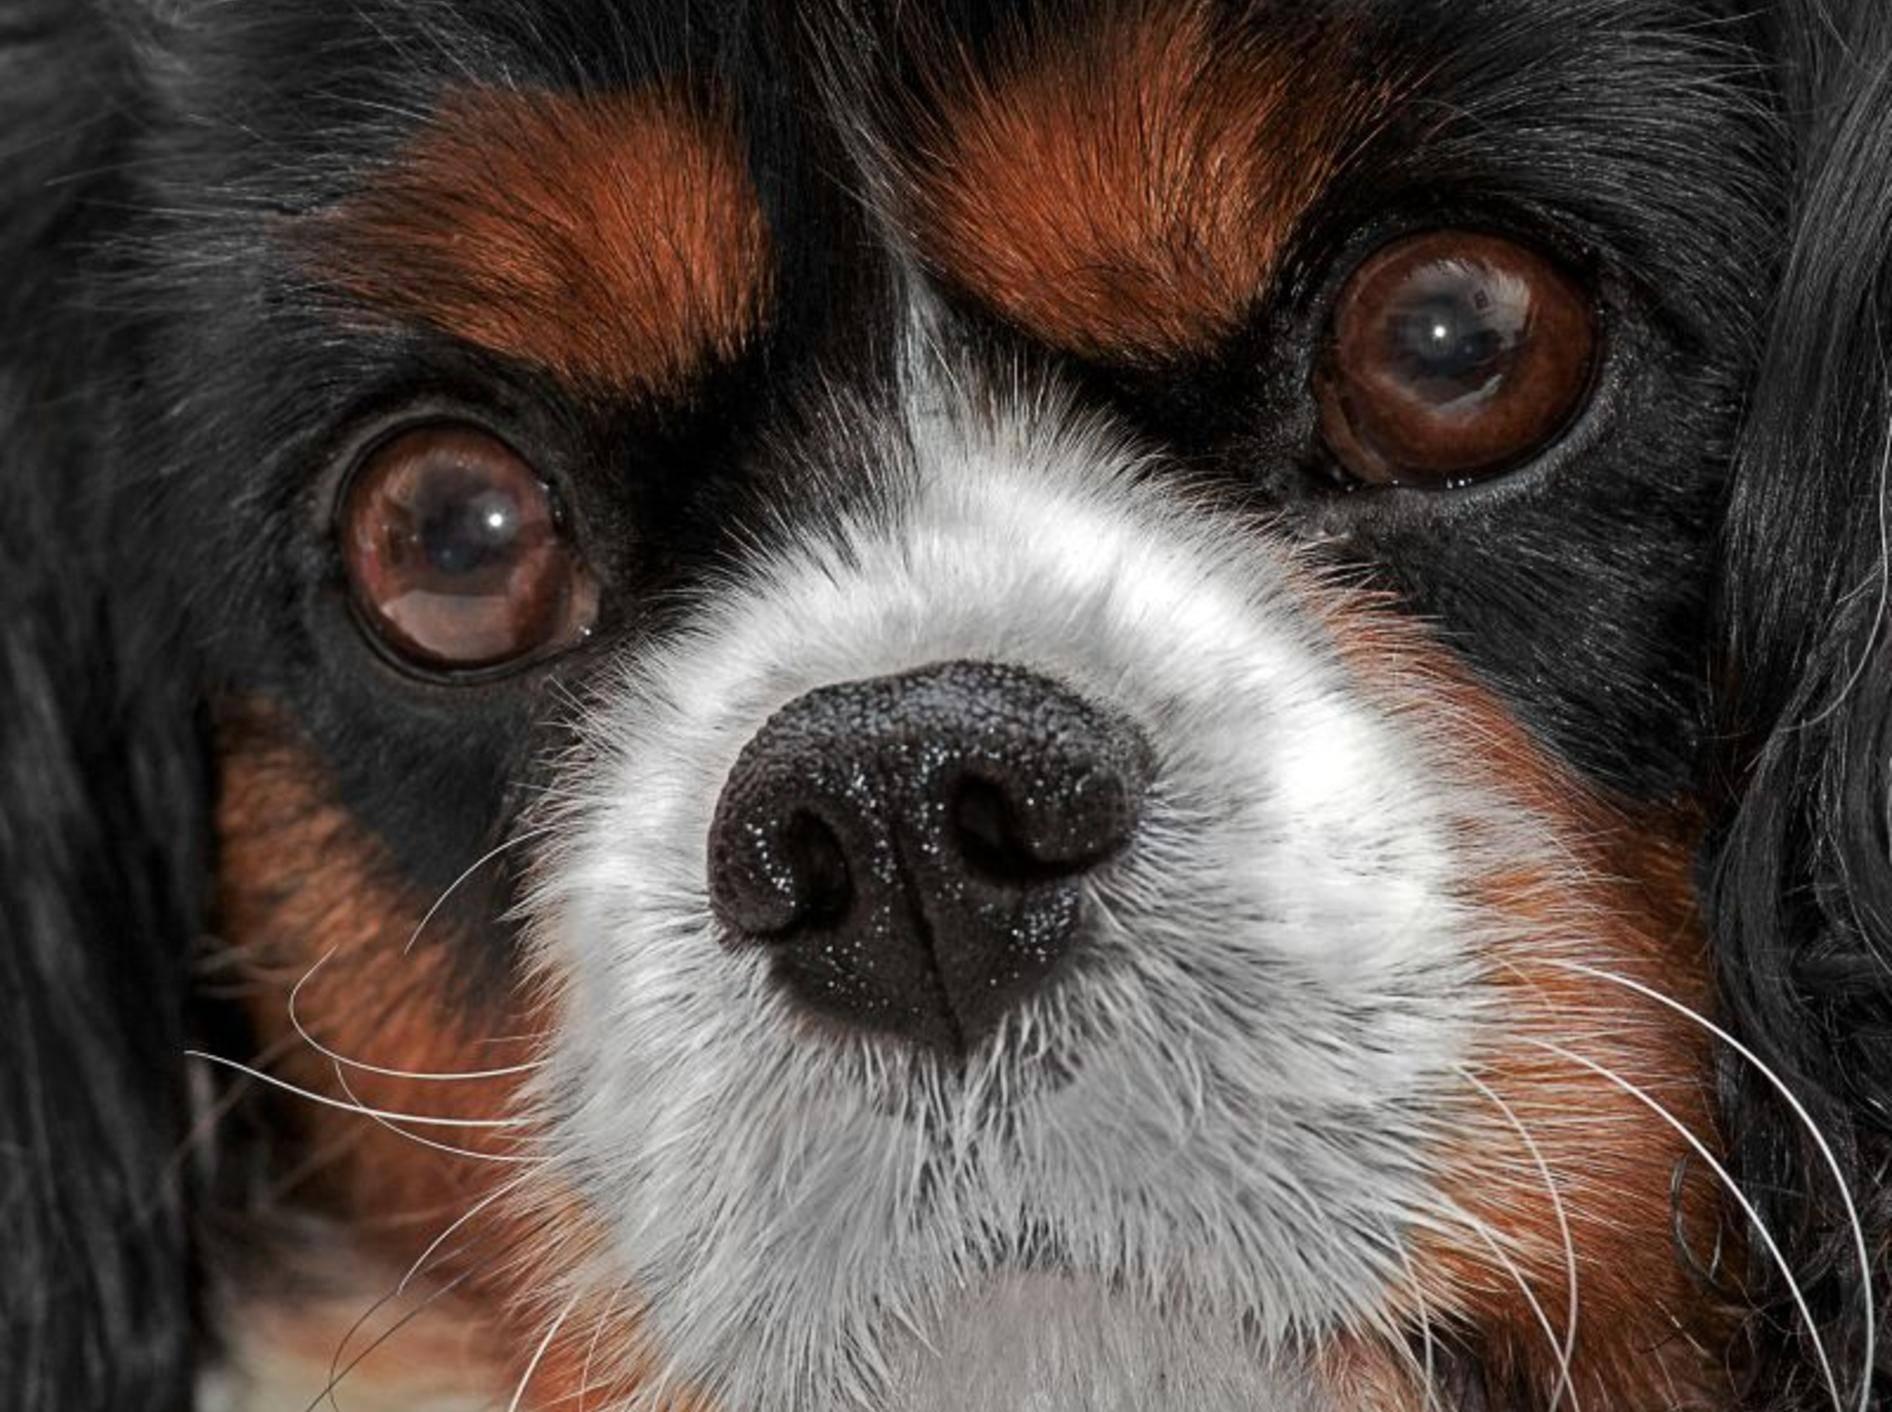 Grauer Star: Das Auge des Hundes wird immer trüber – Bild: Shutterstock / ShaunWilkinson